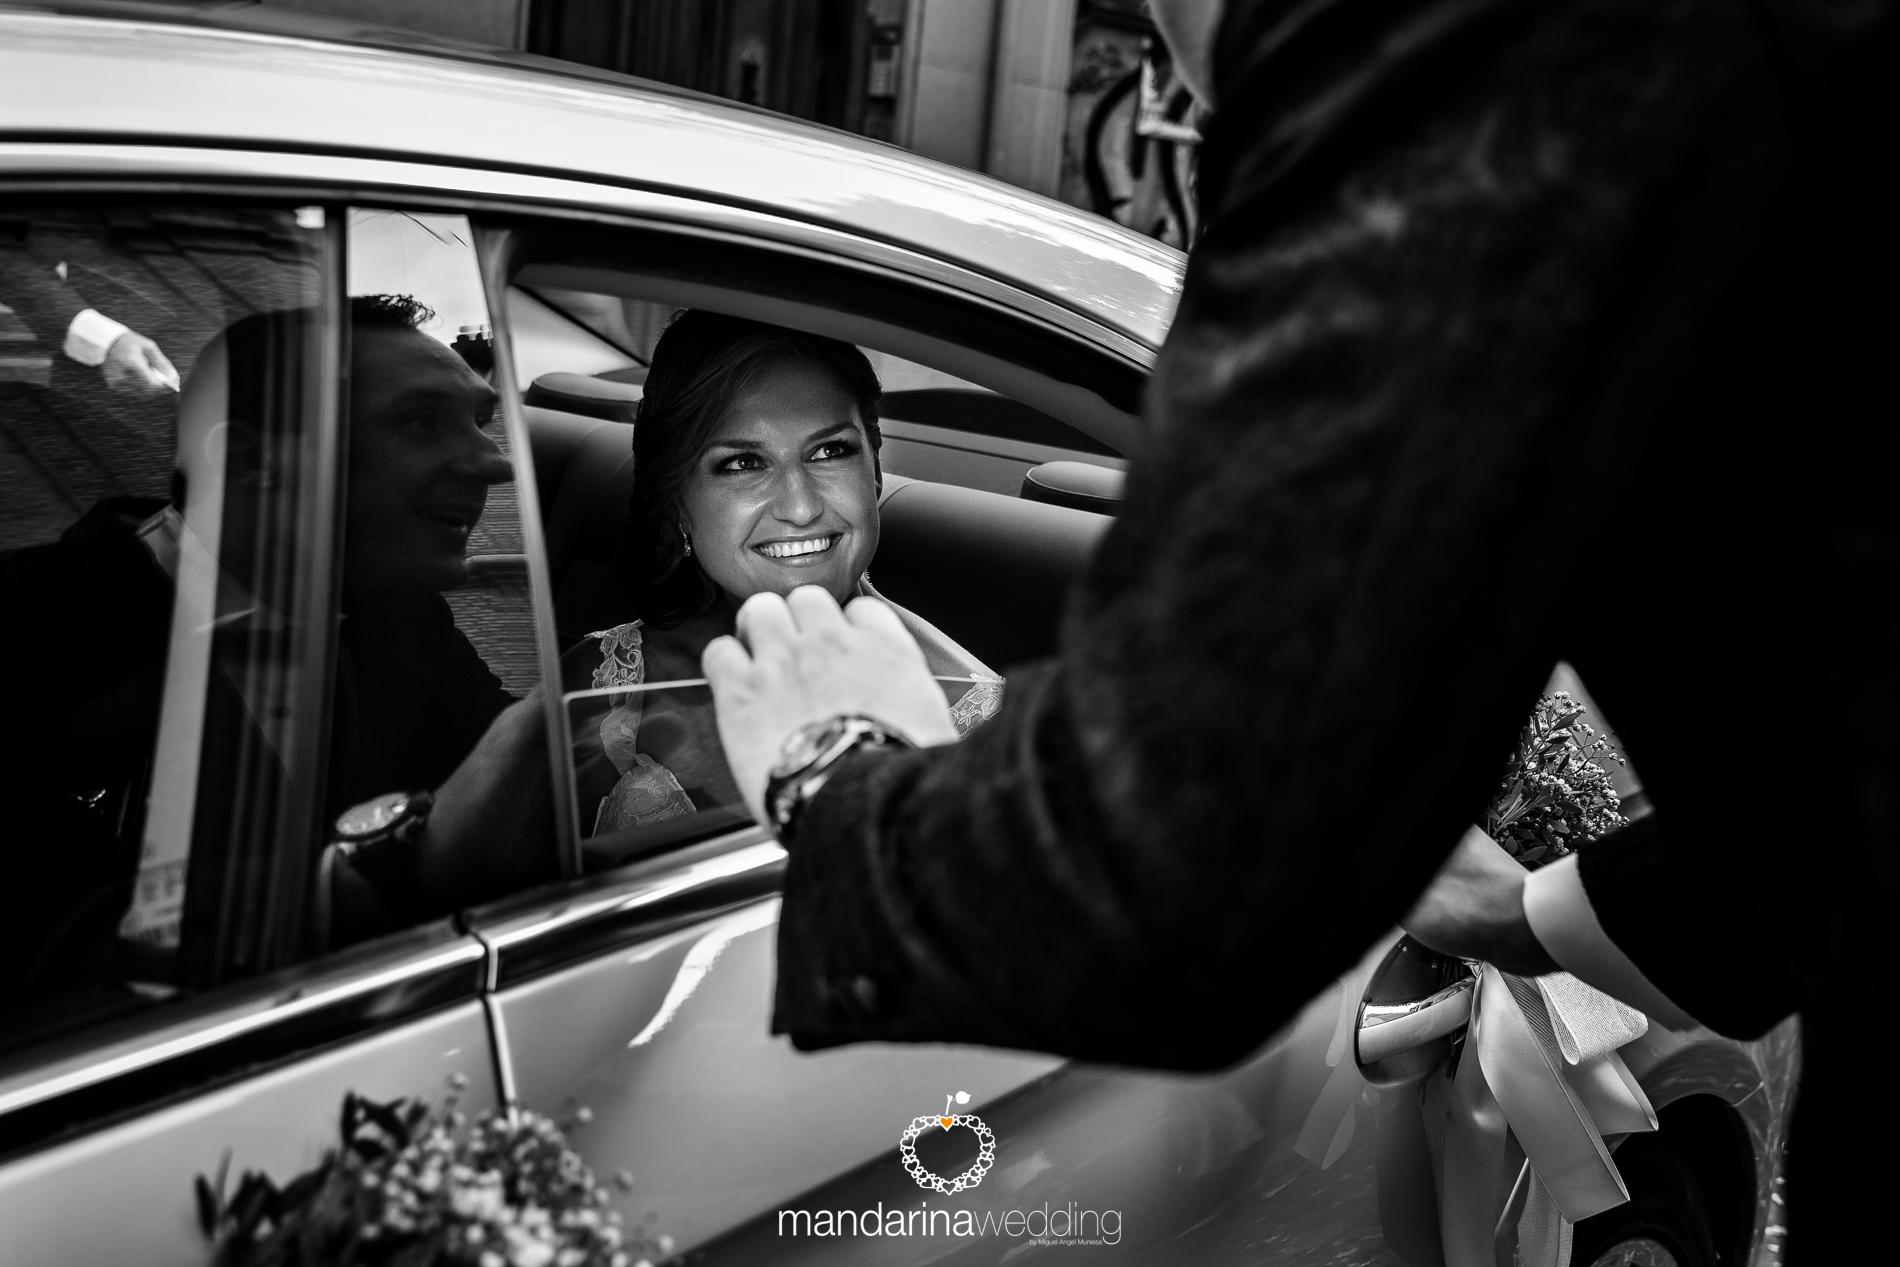 mandarina wedding_14